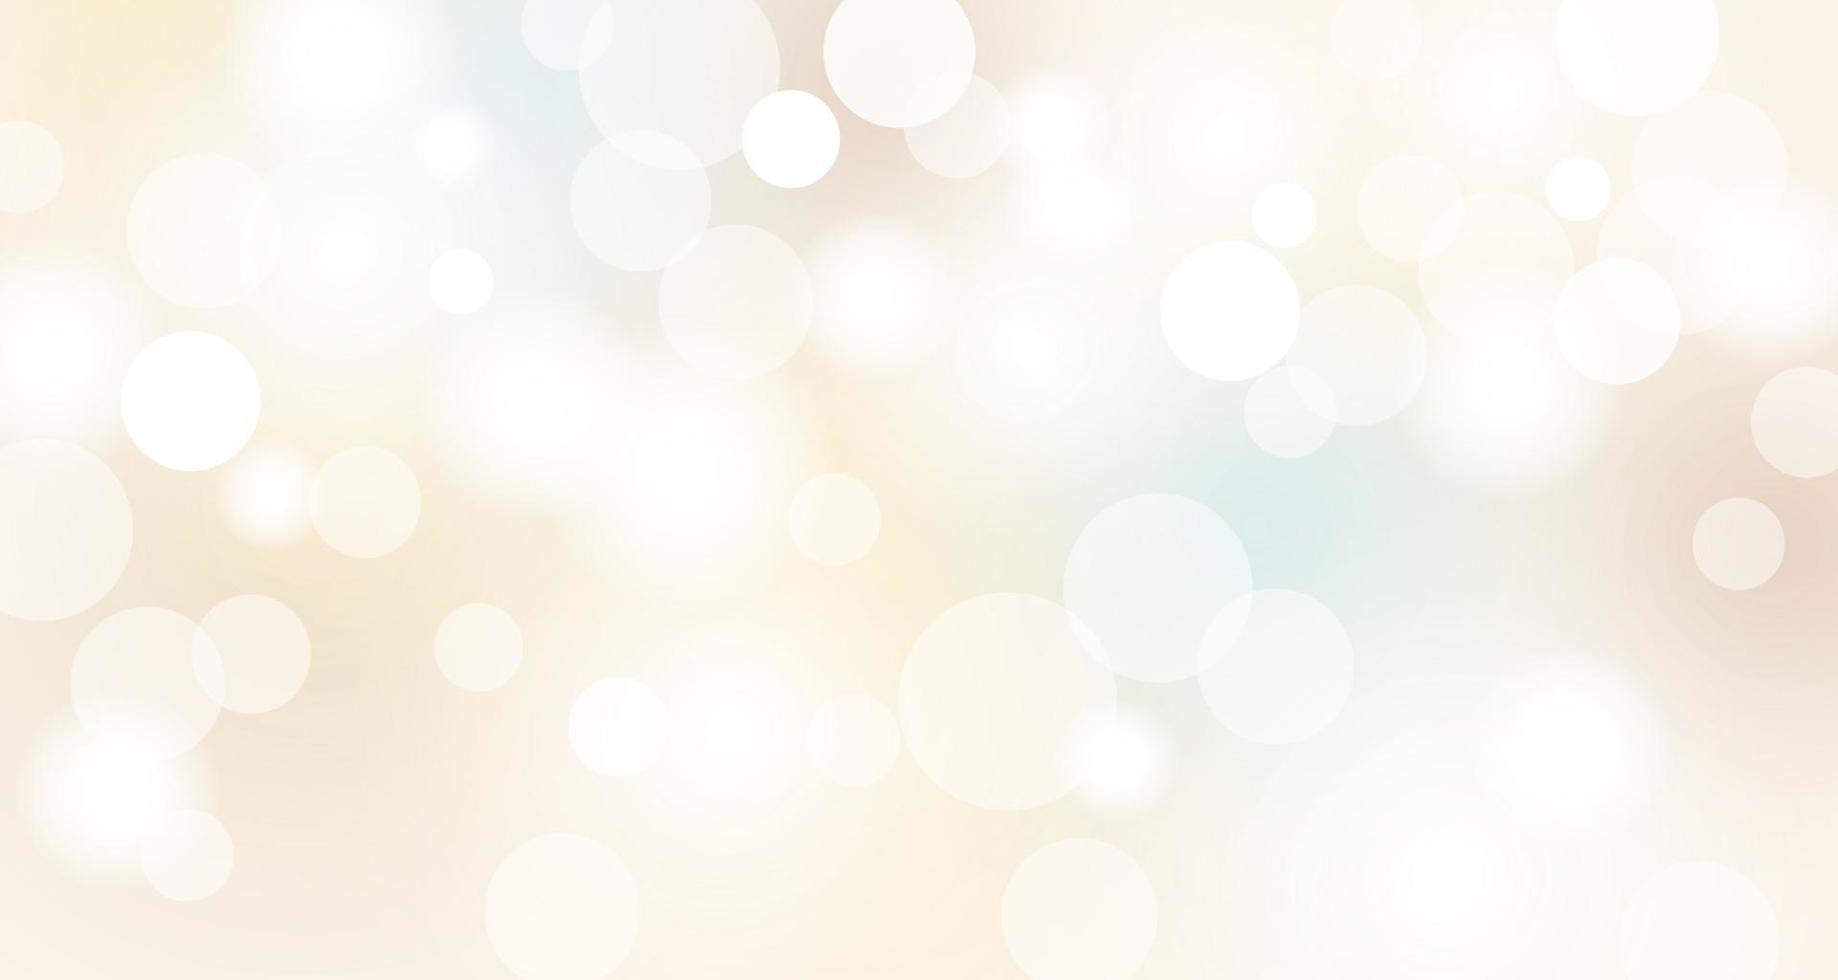 abstrait bokeh lumières fond illustration vectorielle vecteur